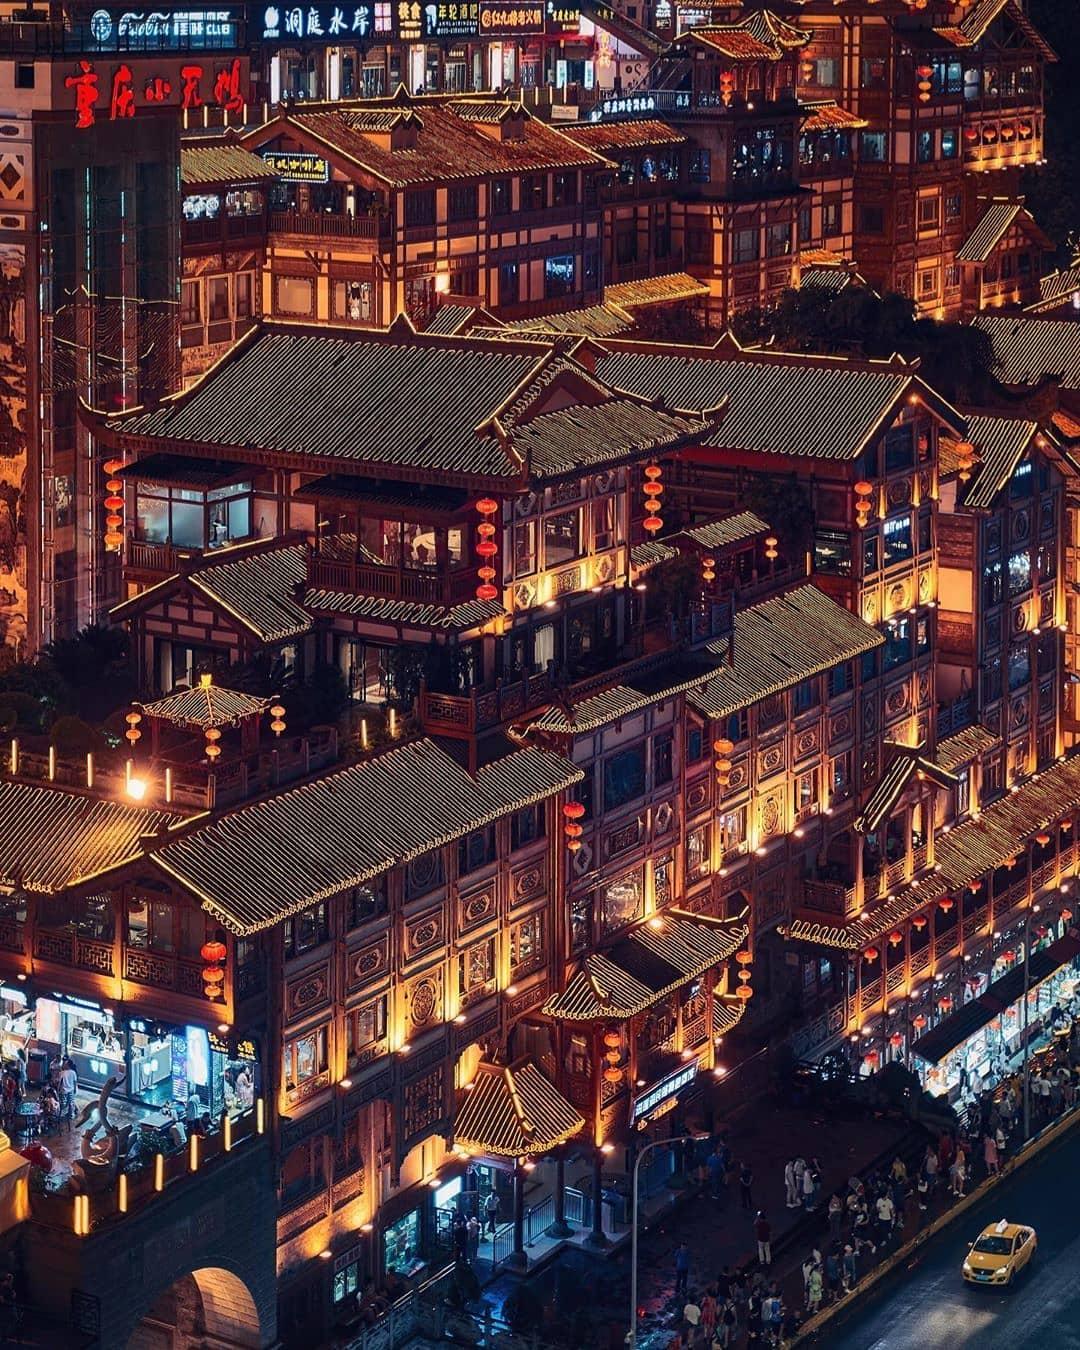 Hồng Ngạn Động (Hongyadong), Trùng Khánh (Chongqing), Trung Quốc